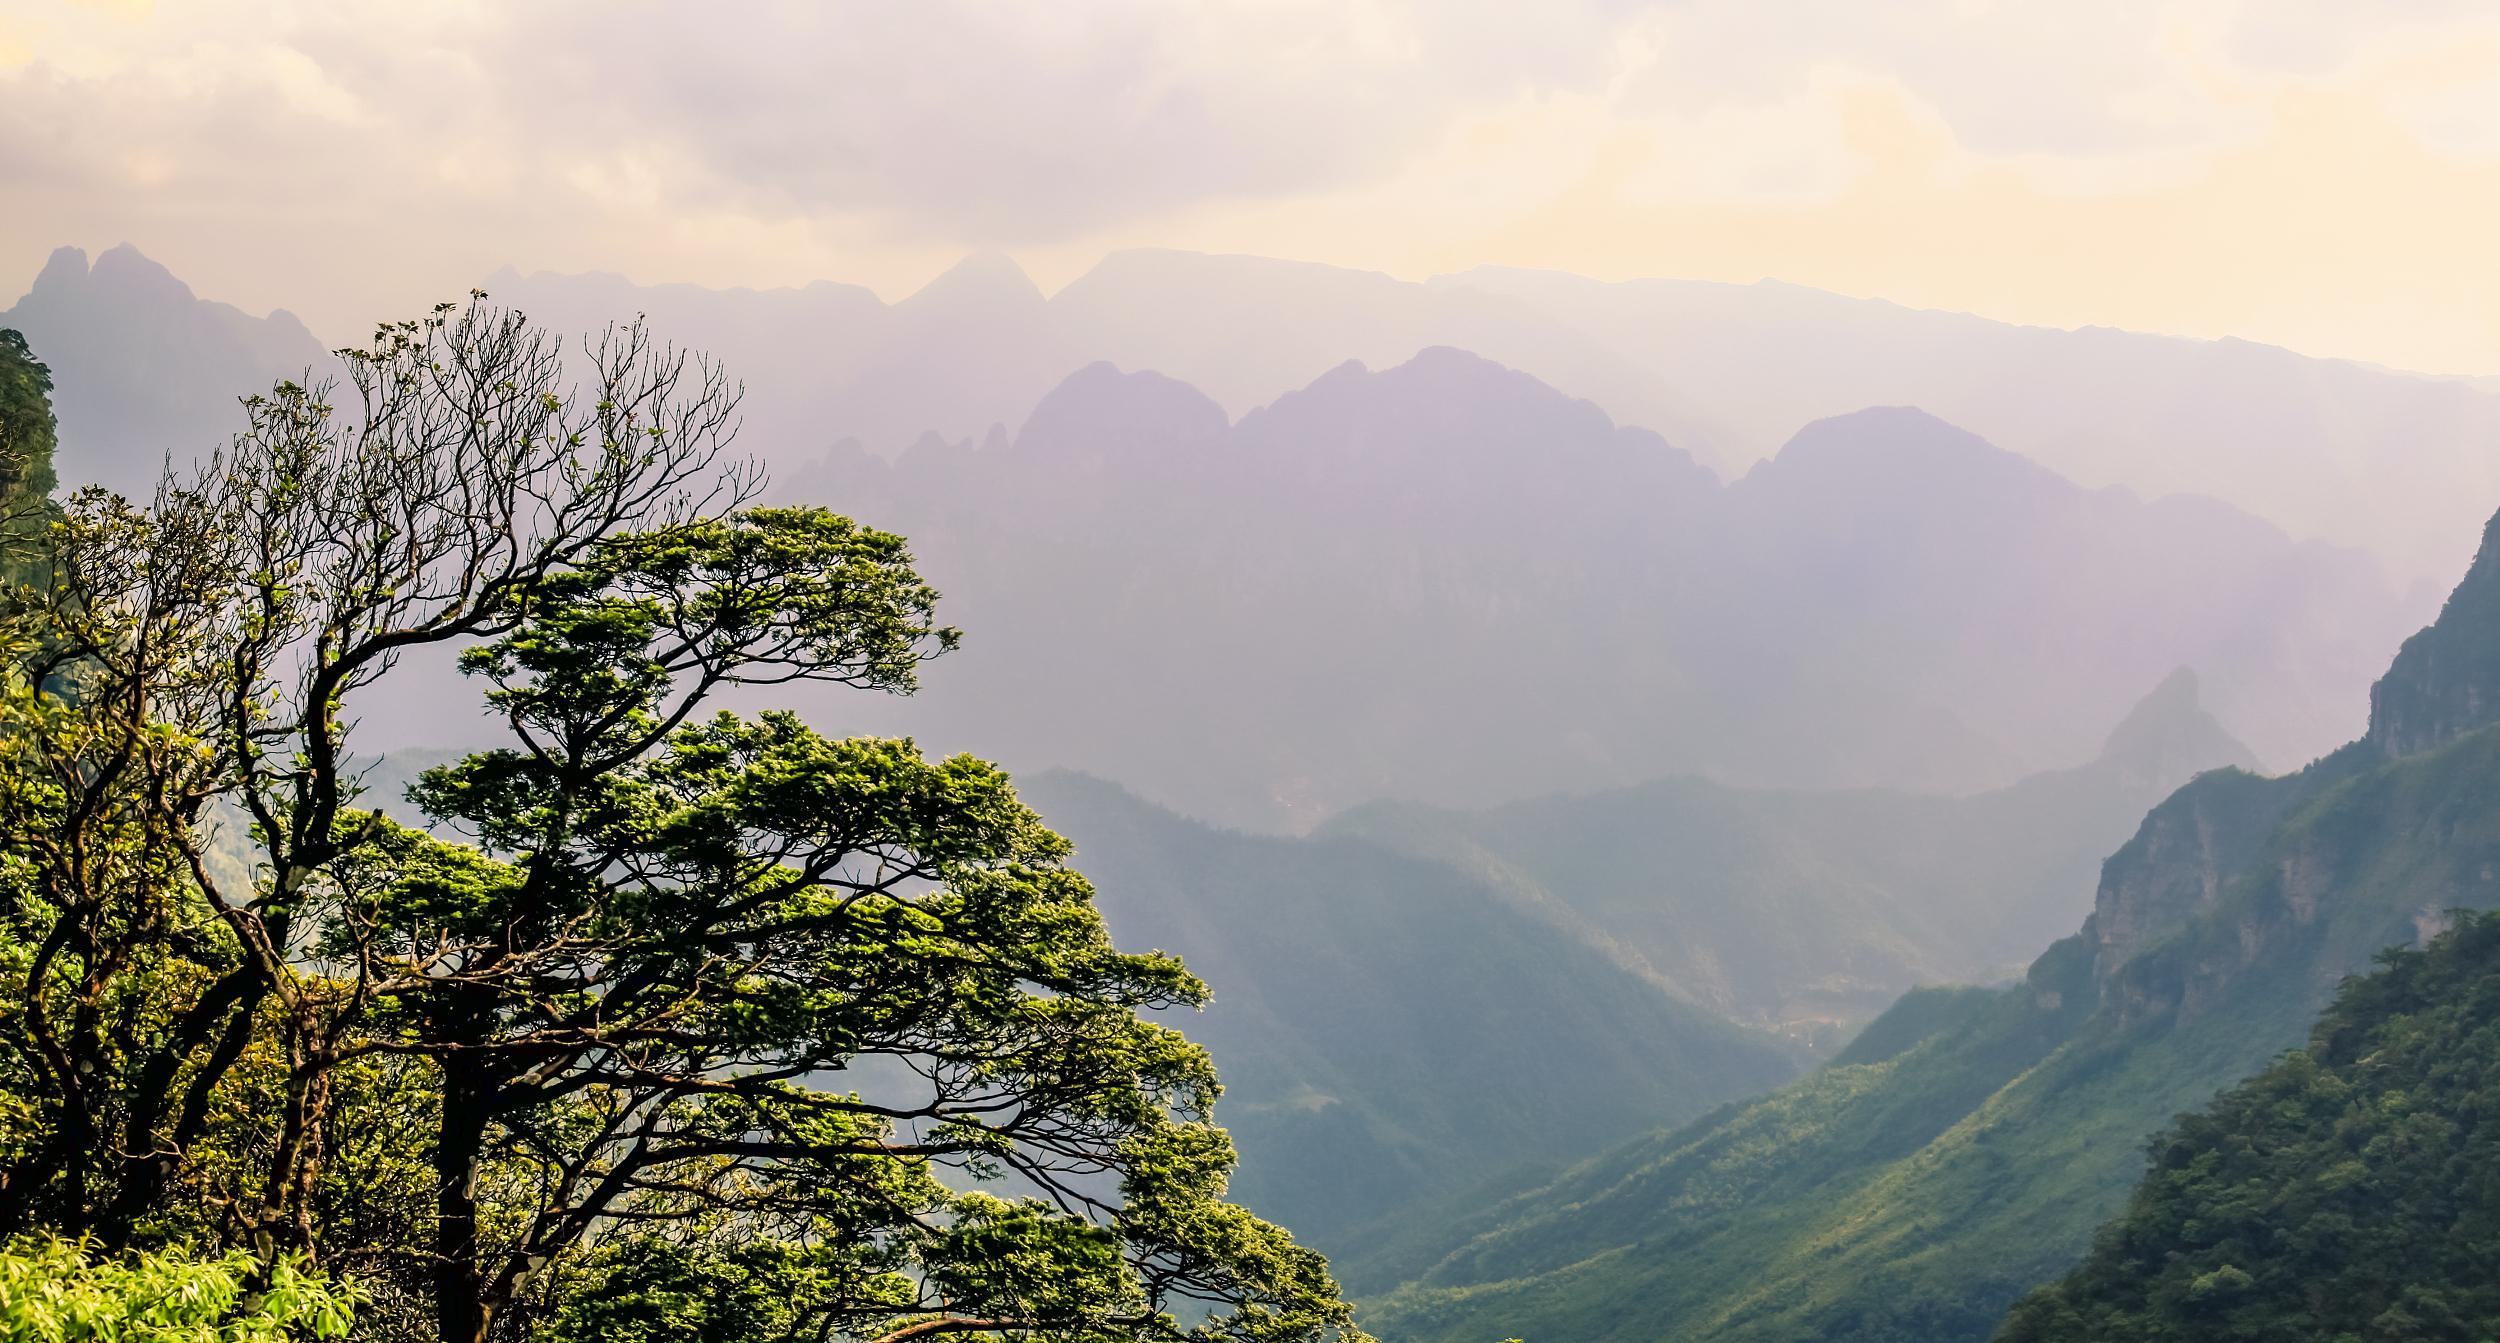 Shengtang Mountain